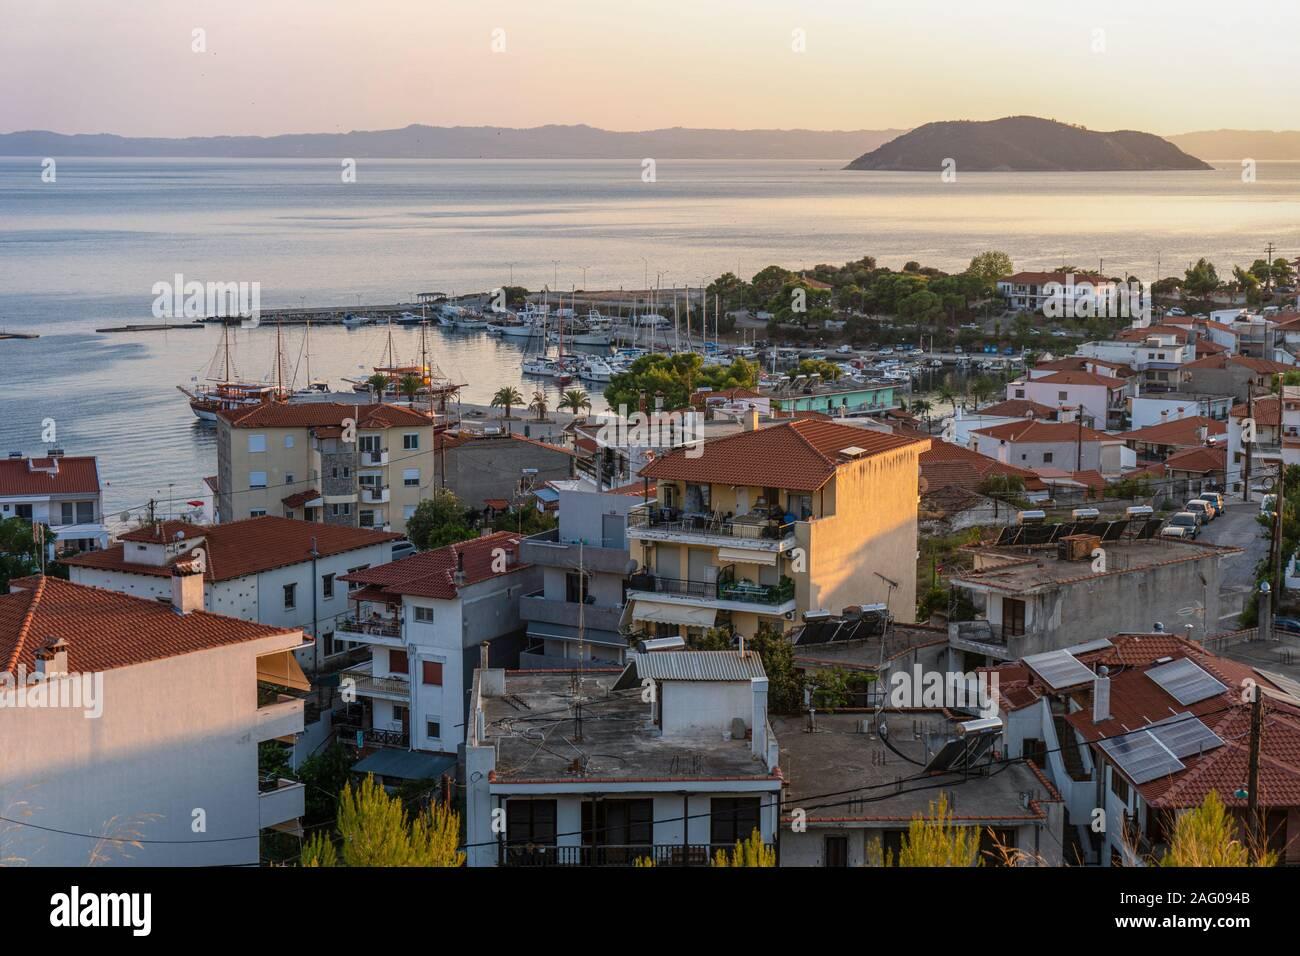 Les toits rouges des maisons et d'un rocher dans la mer en Grèce vue aérienne l'horizontale Banque D'Images